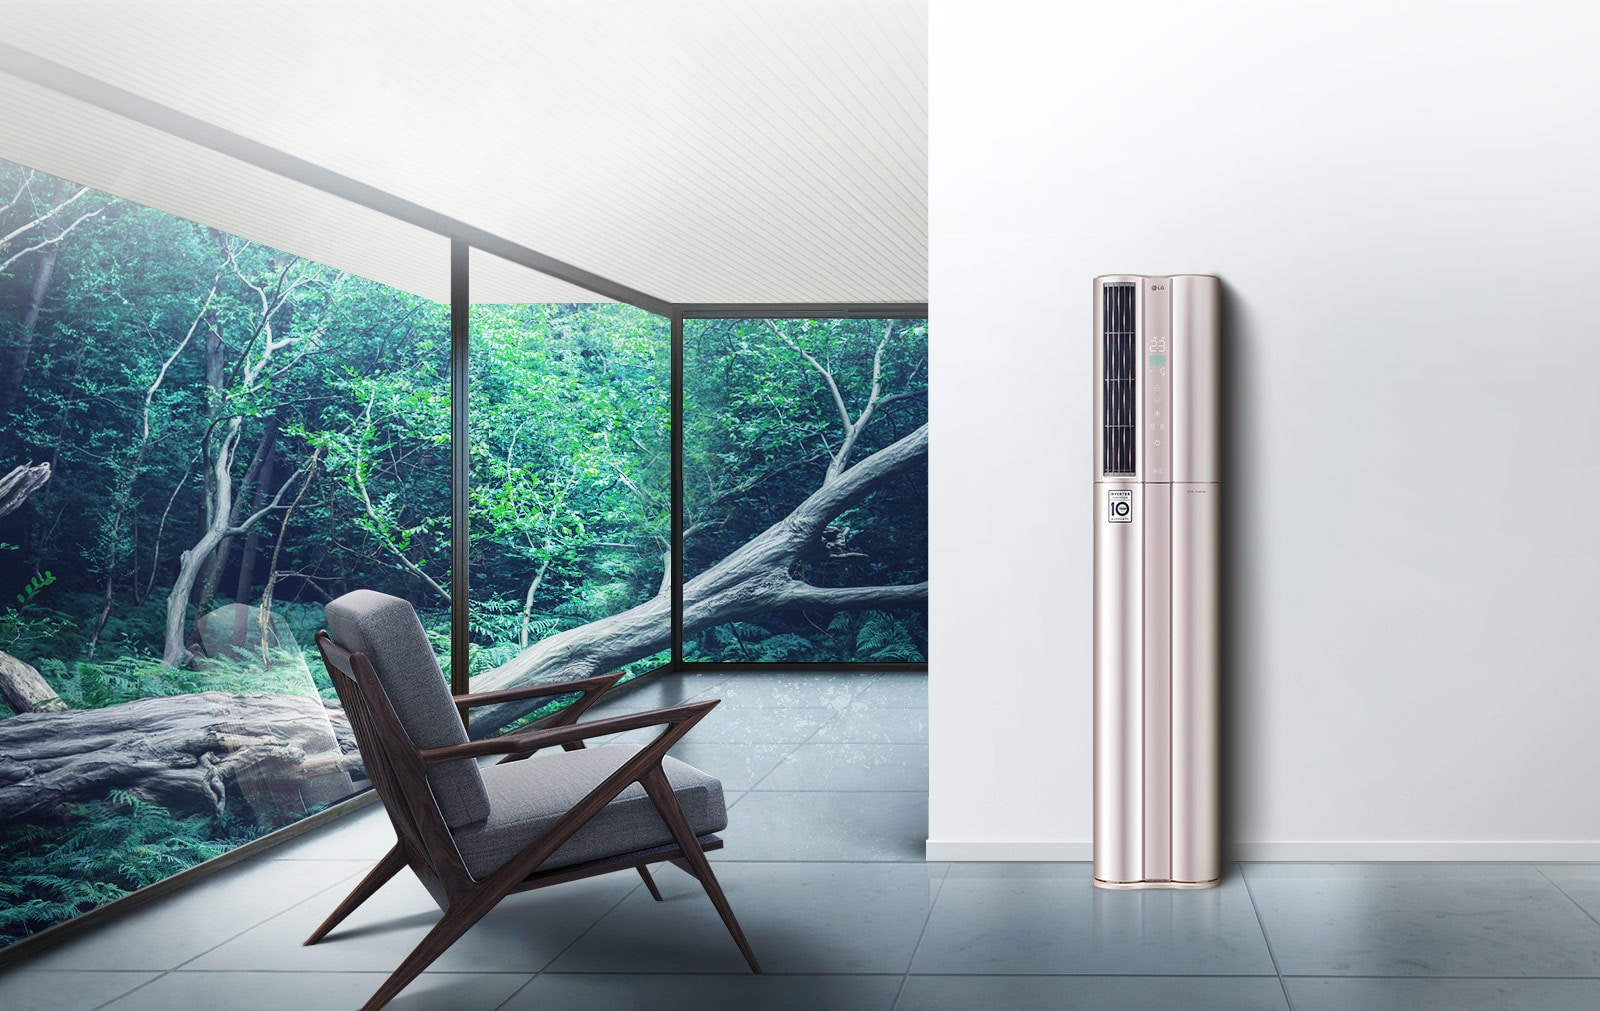 Inverter Tech for Energy Savings